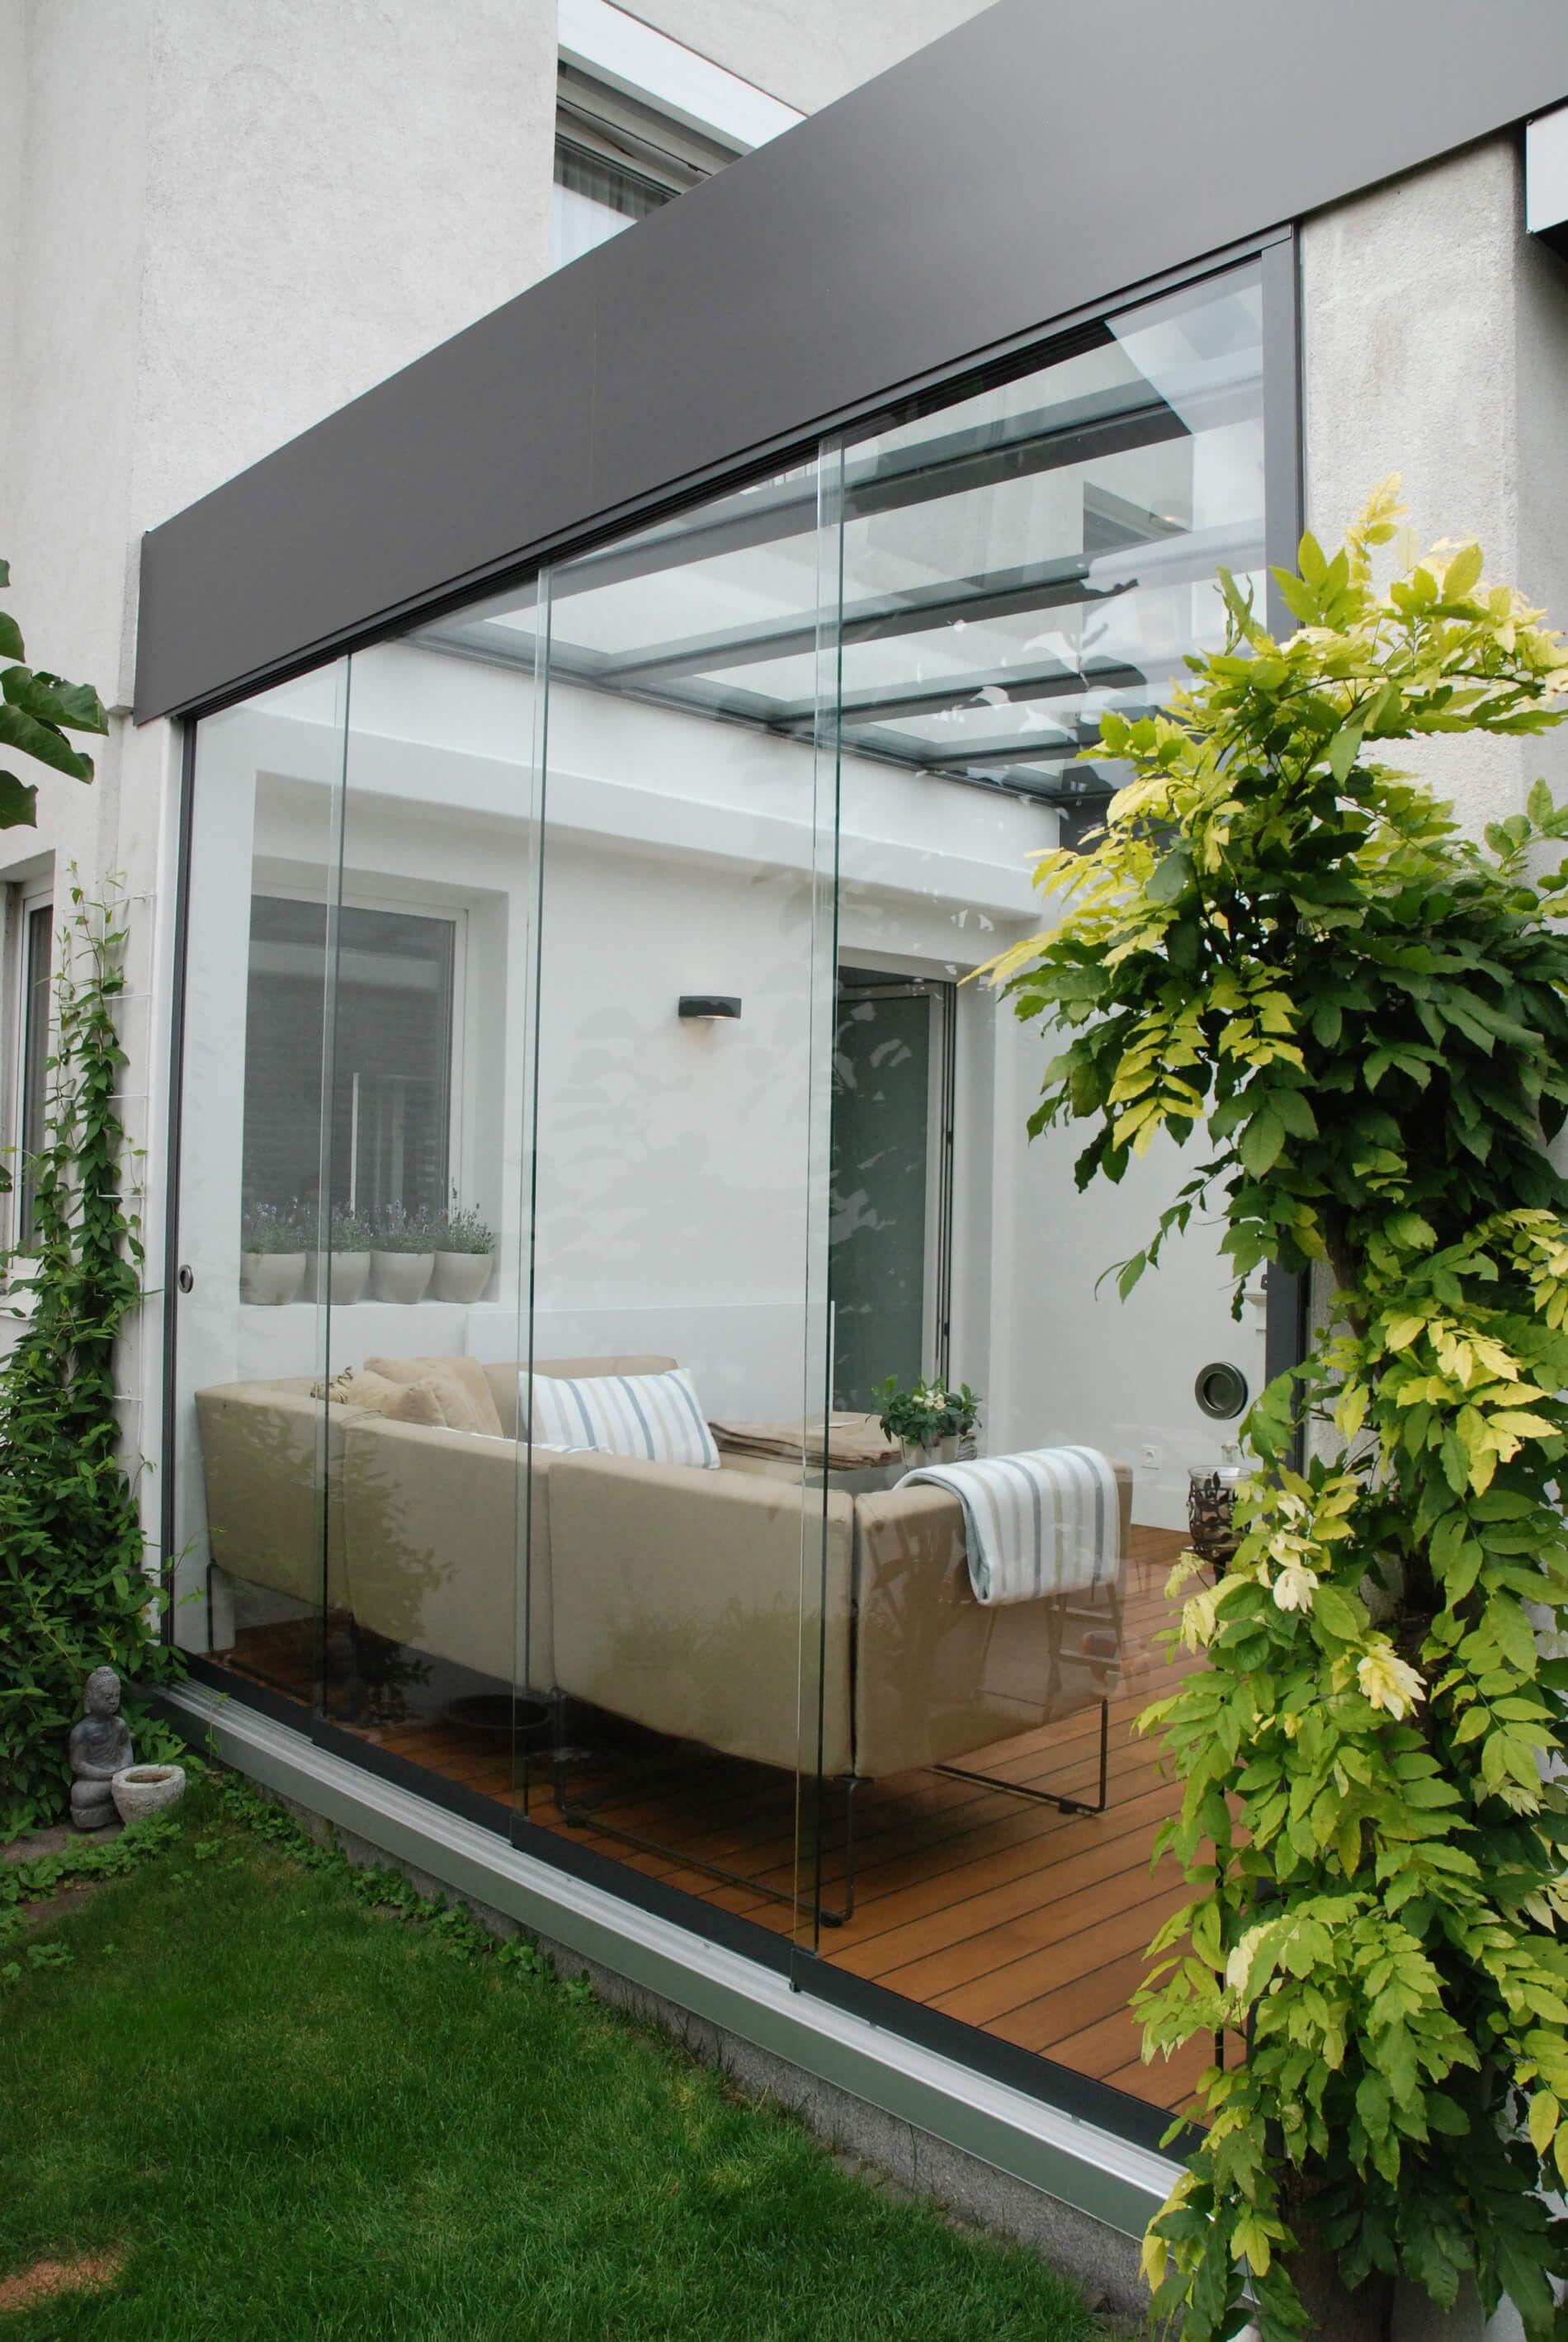 Schiebetür Terrasse  Terrasse Schiebetüren Systeme mit Dachverglasung aus VSG